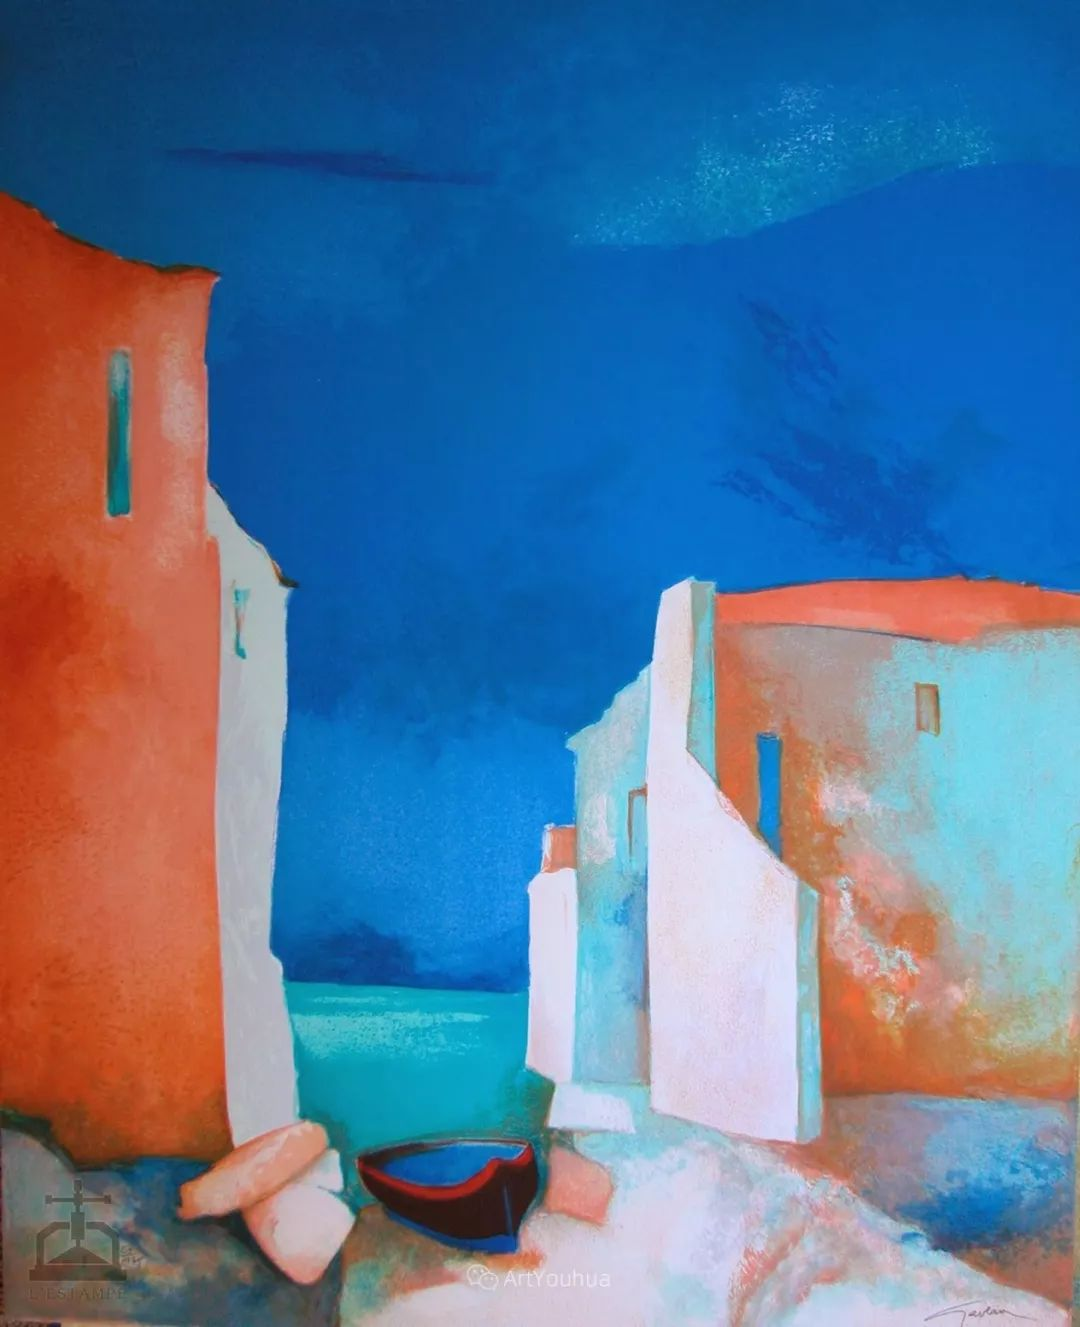 色彩和谐 色调鲜艳,法国抽象派装饰画家Claude Gaveau插图19